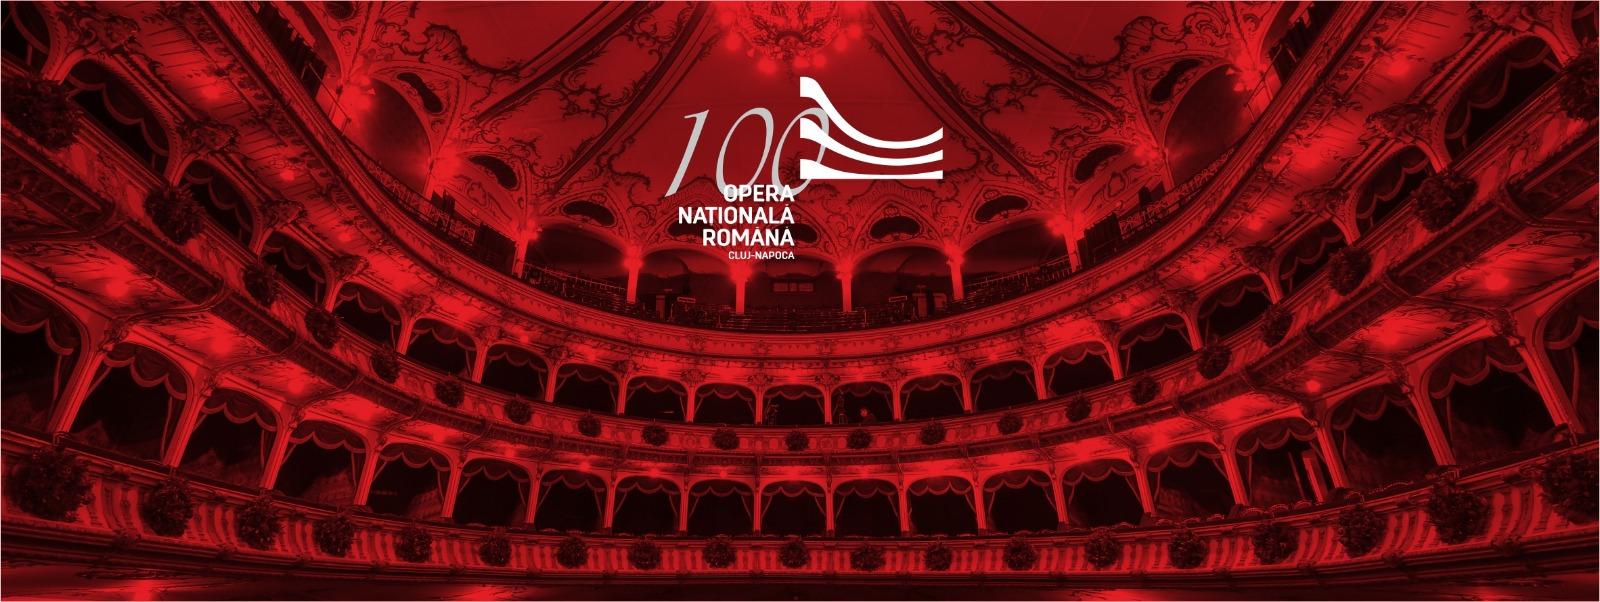 În ziua în care împlinește 100 de ani de la înființare, Opera își deschide larg ușile și își dezvăluie cortina!